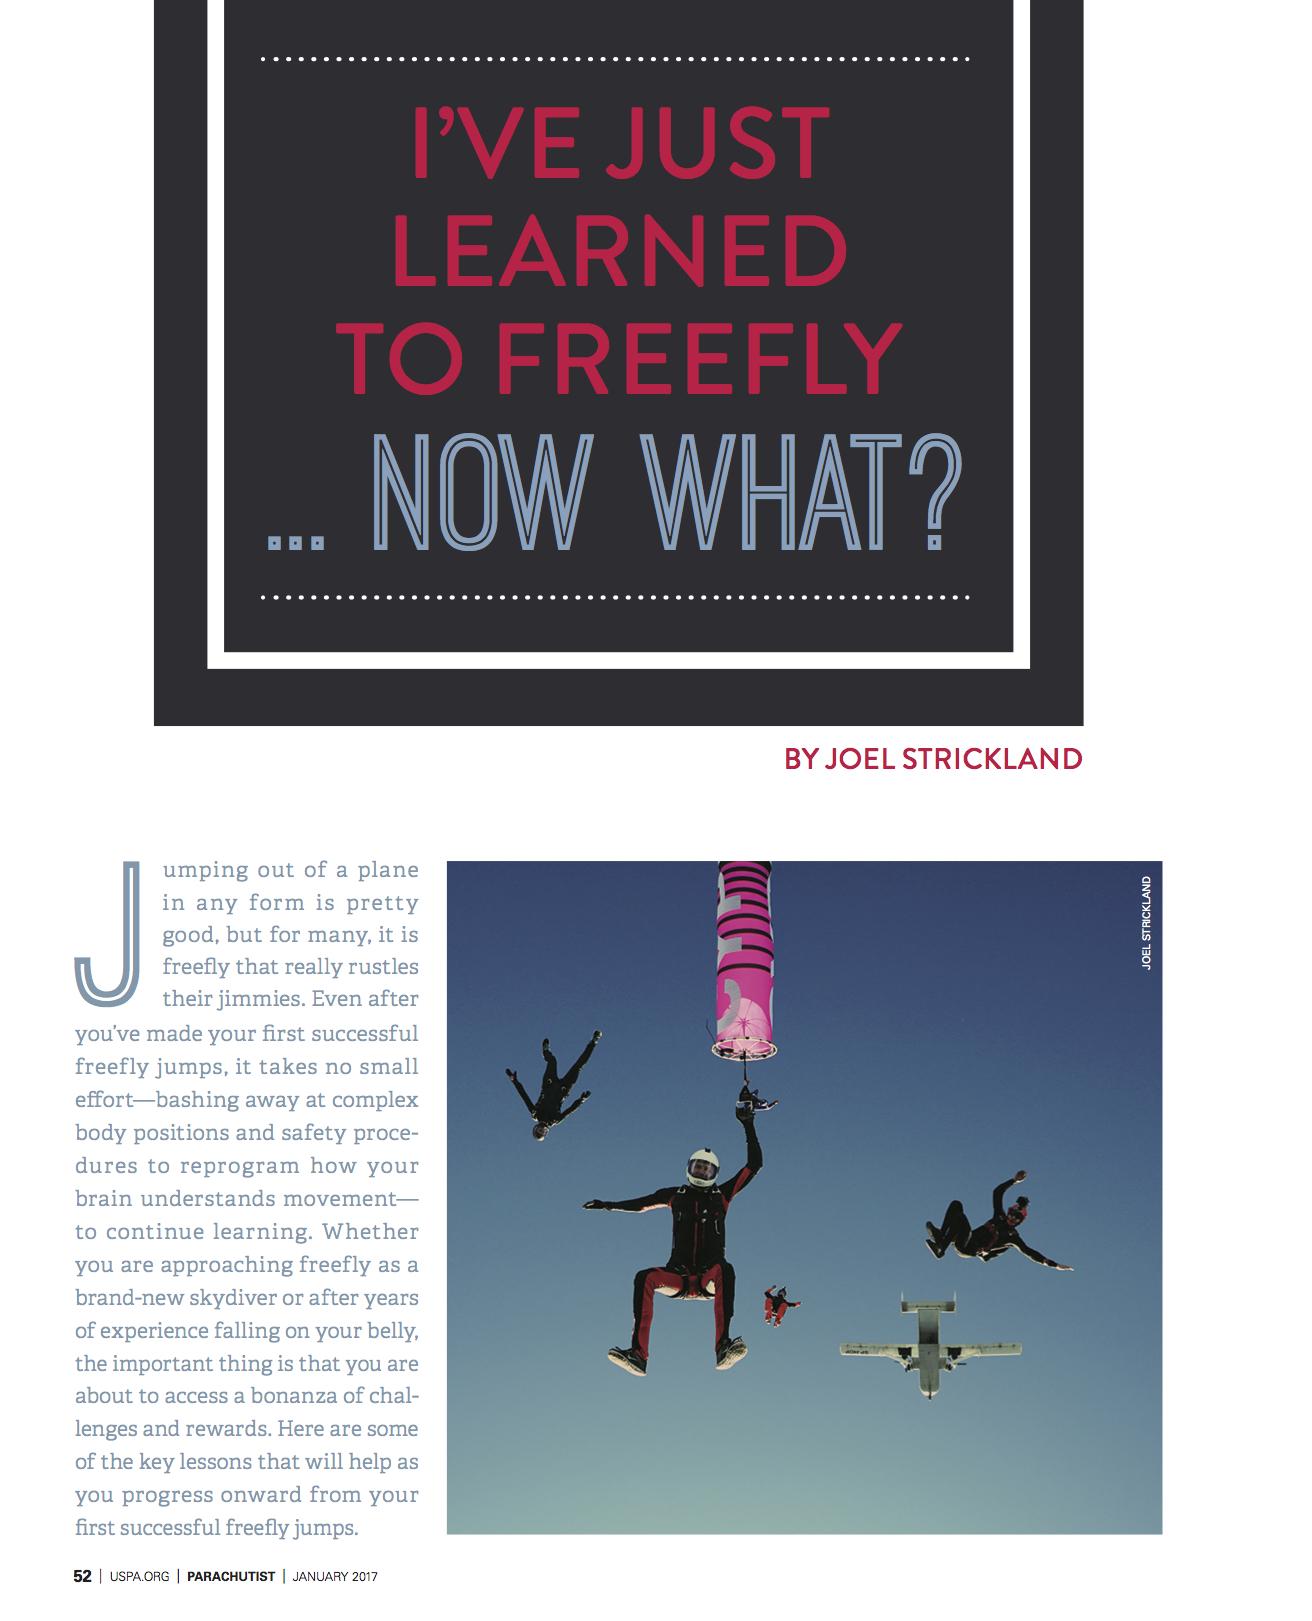 Freefly: Now What?   Parachutist Magazine  January 2017